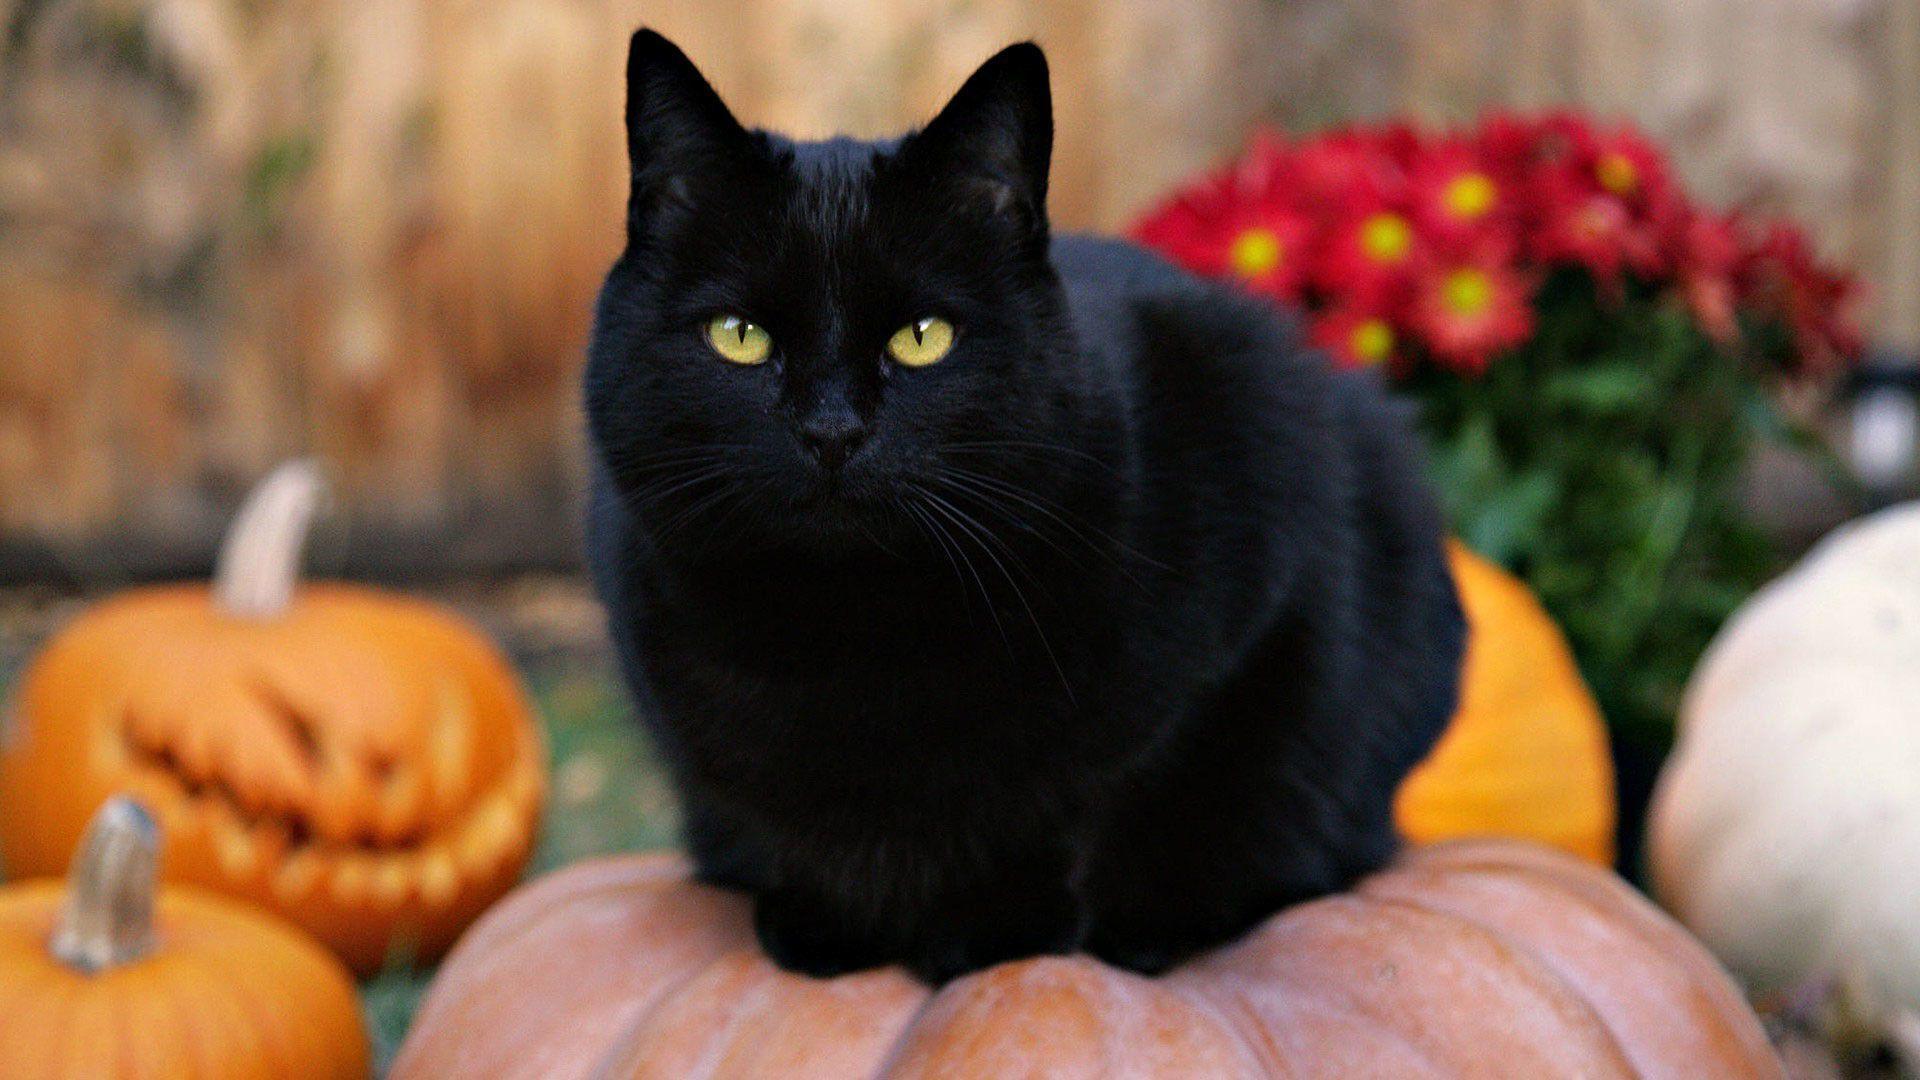 Halloween Cat Desktop Wallpapers Top Free Halloween Cat Desktop Backgrounds Wallpaperaccess